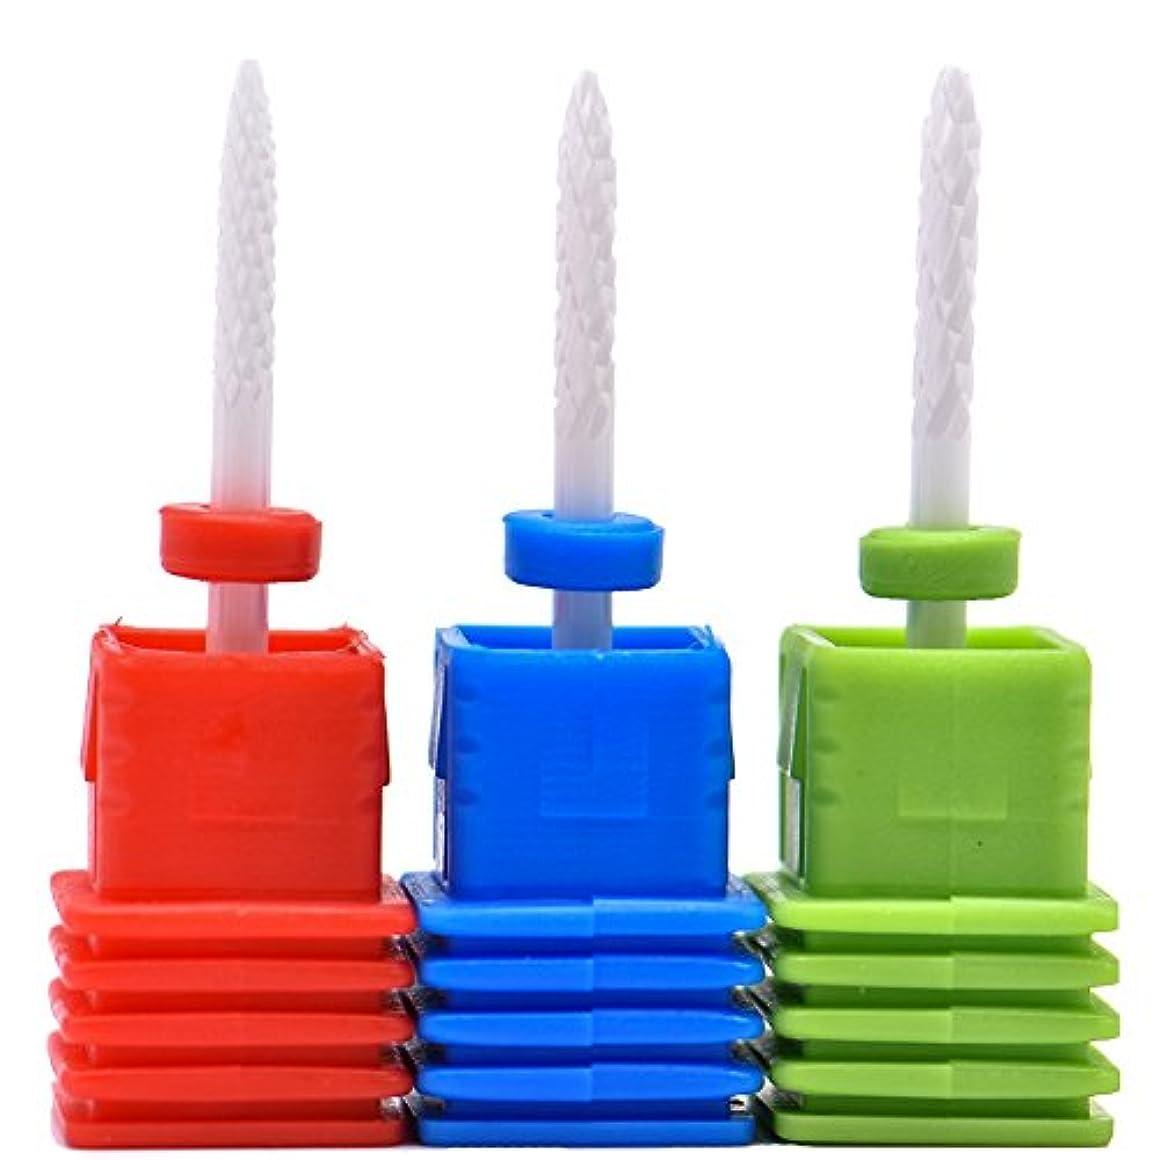 おとうさん不毛のカンガルーOral Dentistry ネイルアート ドリルビット 細かい 研削ヘッド 研磨ヘッド ネイル グラインド ヘッド 爪 磨き 研磨 研削 セラミック 全3色 (レッドF(微研削)+ブルーM(中仕上げ)+グリーンC(粗研削))